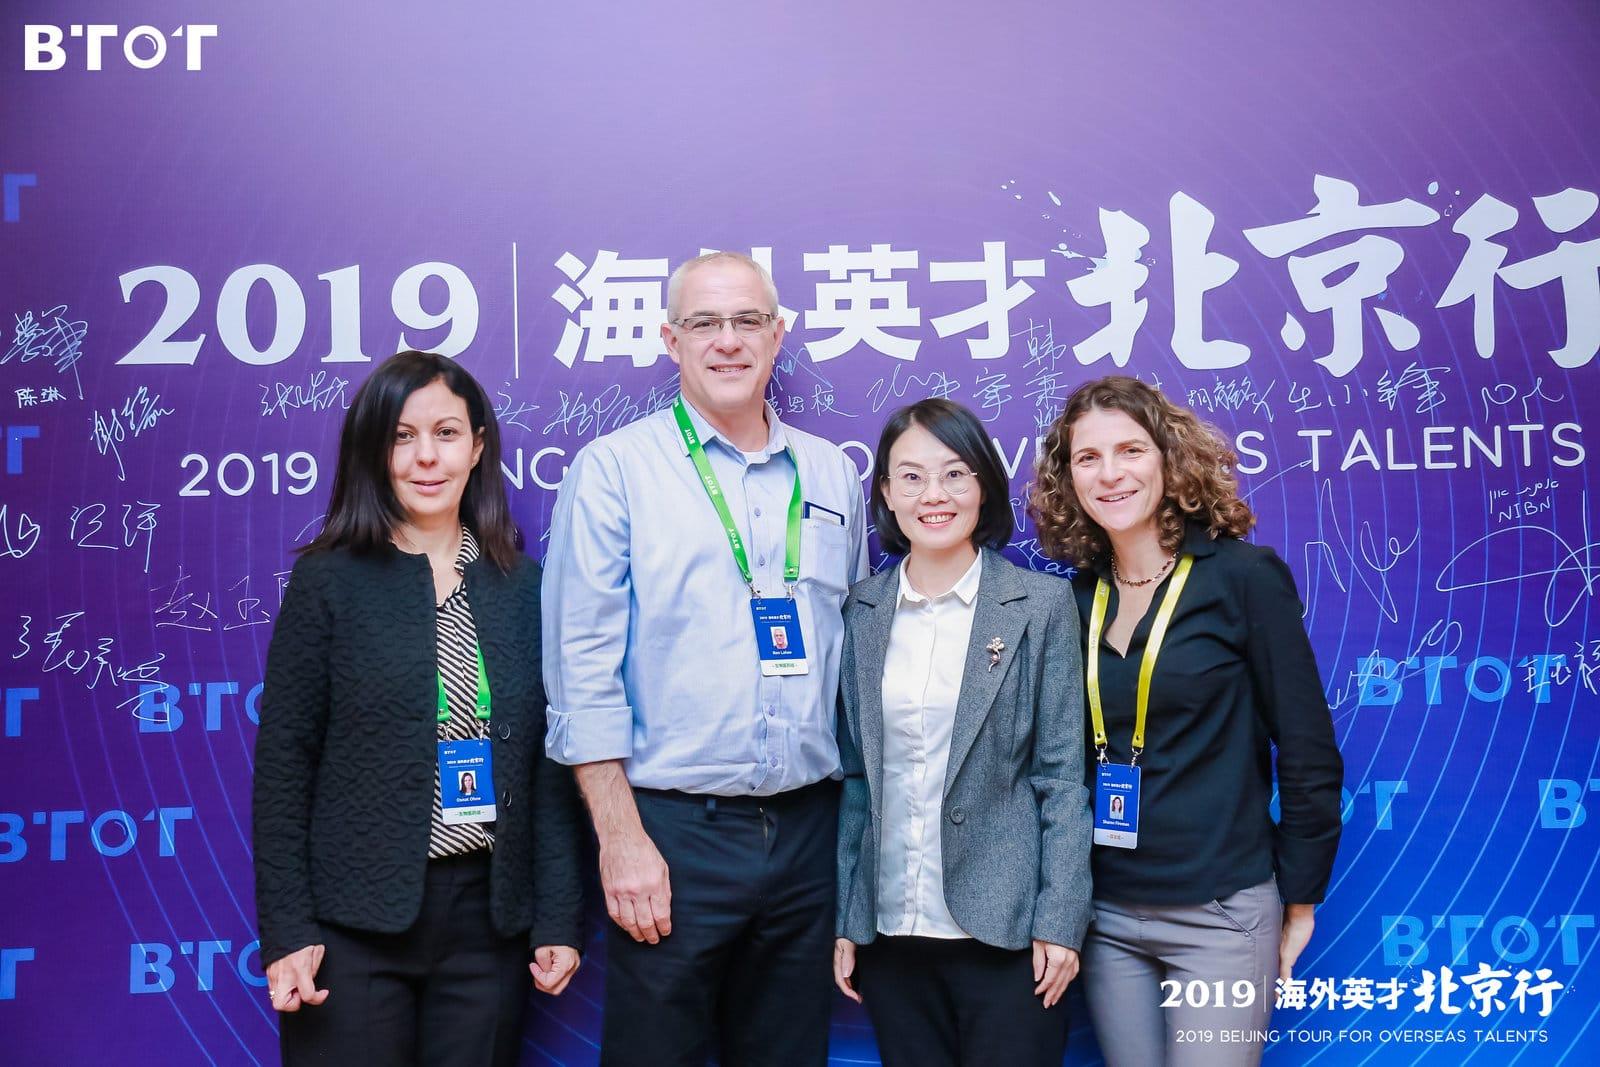 2019 Beijing Tour for Overseas Talent (BTOT)